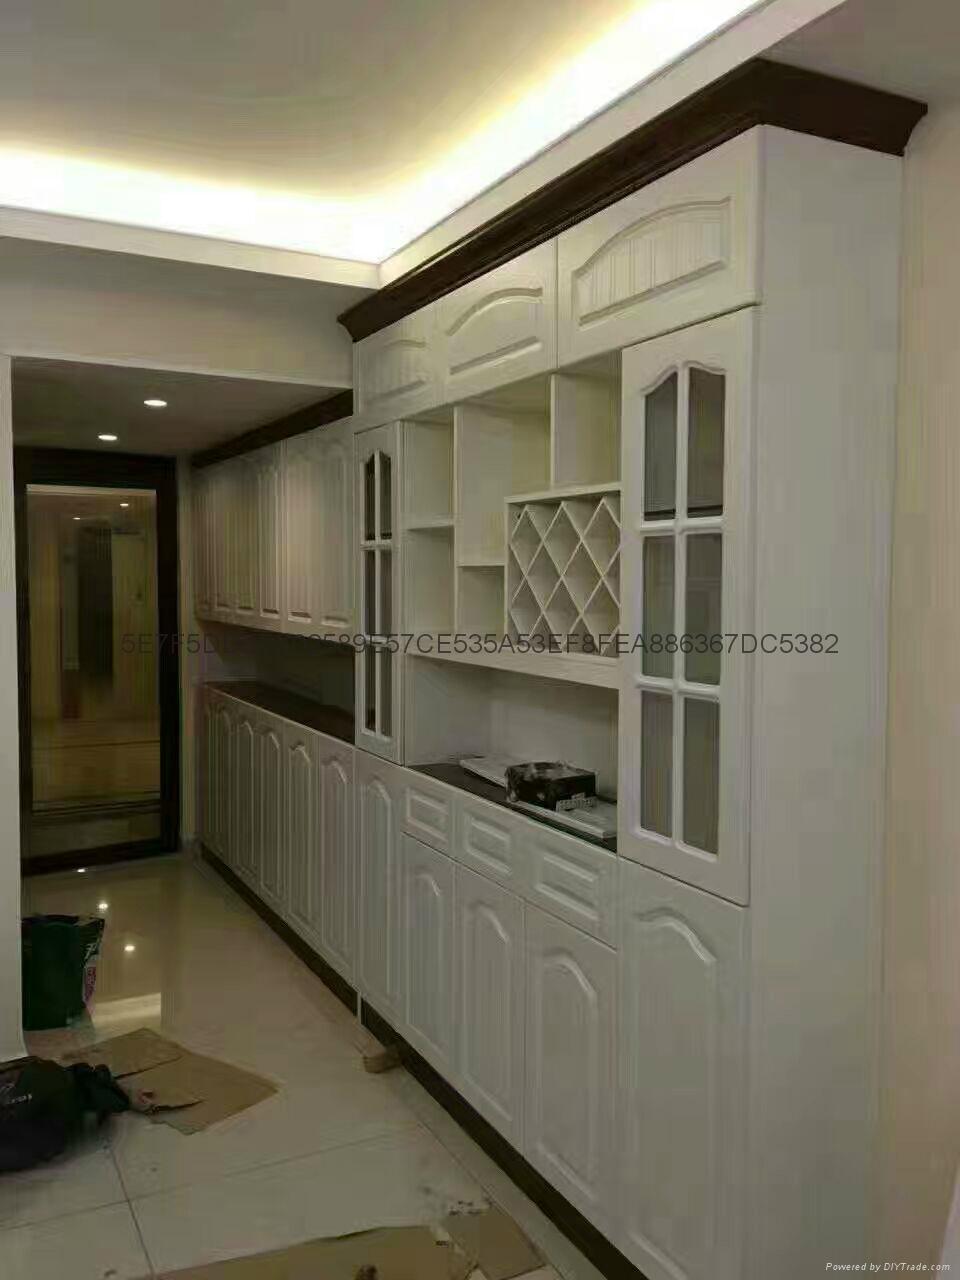 衣柜时尚环保,在以前的家庭装修中,主要是通过木工现场打制和购买成品